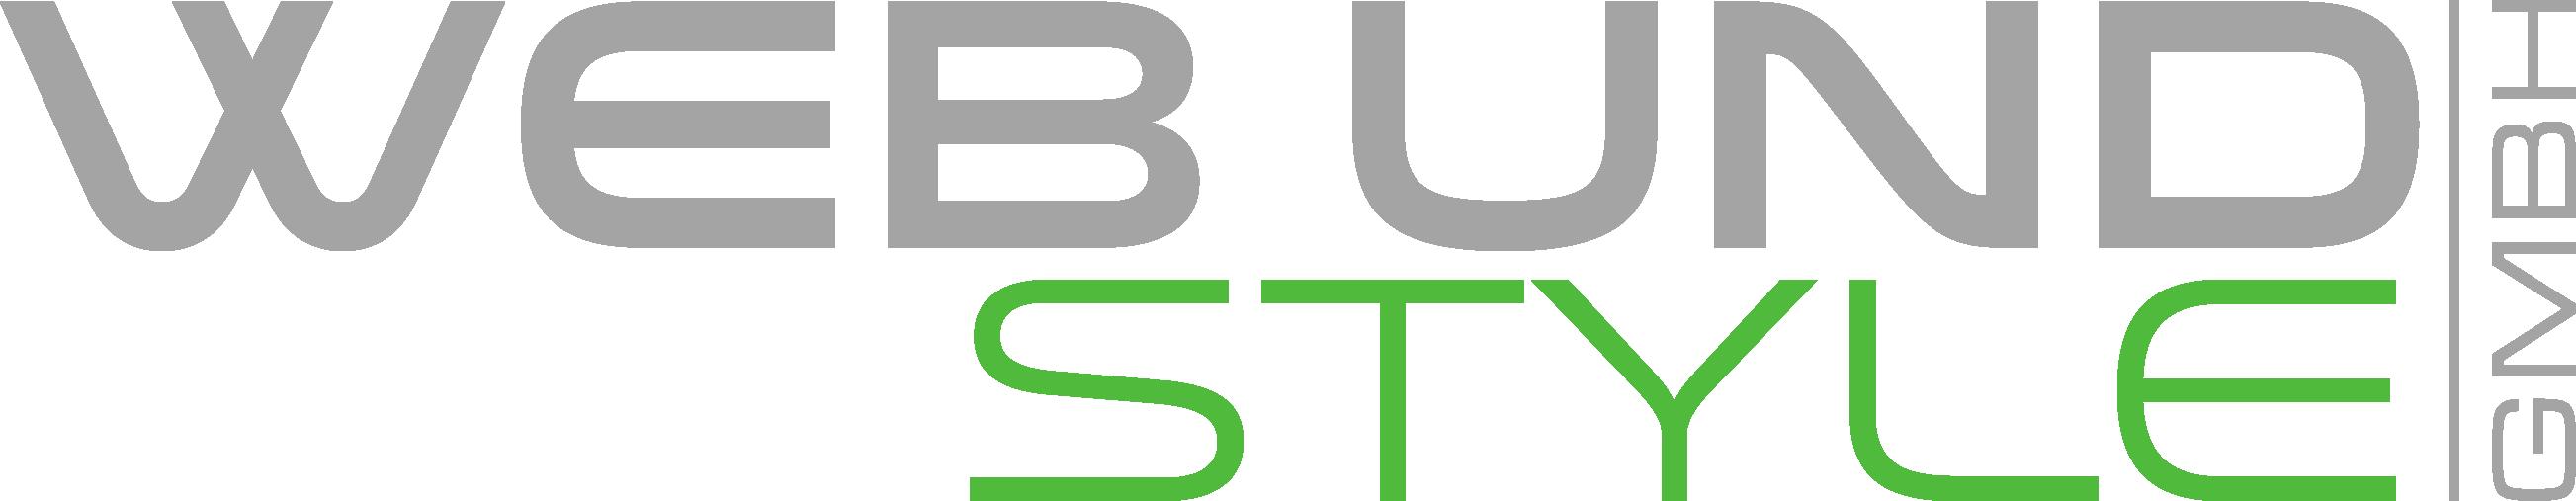 Webdesign in Ulm, München und Umgebung - webundstyle.com